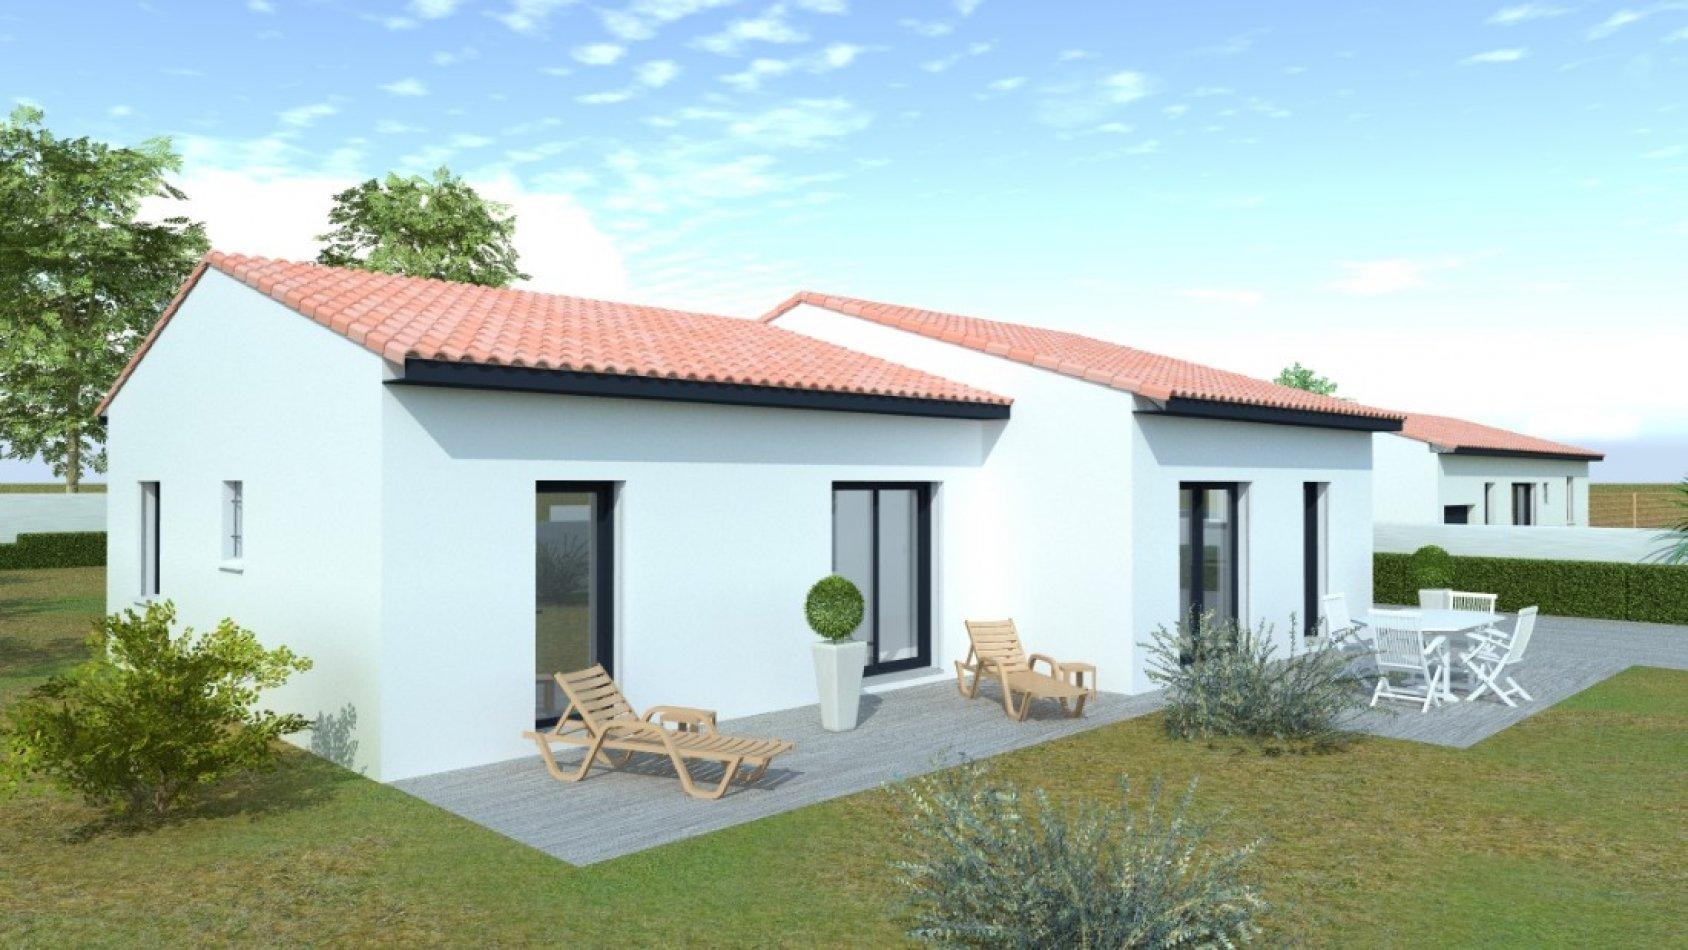 Porche D Entrée Maison Contemporaine maison contemporaine de 108m² de plain pied avec 3 chambres